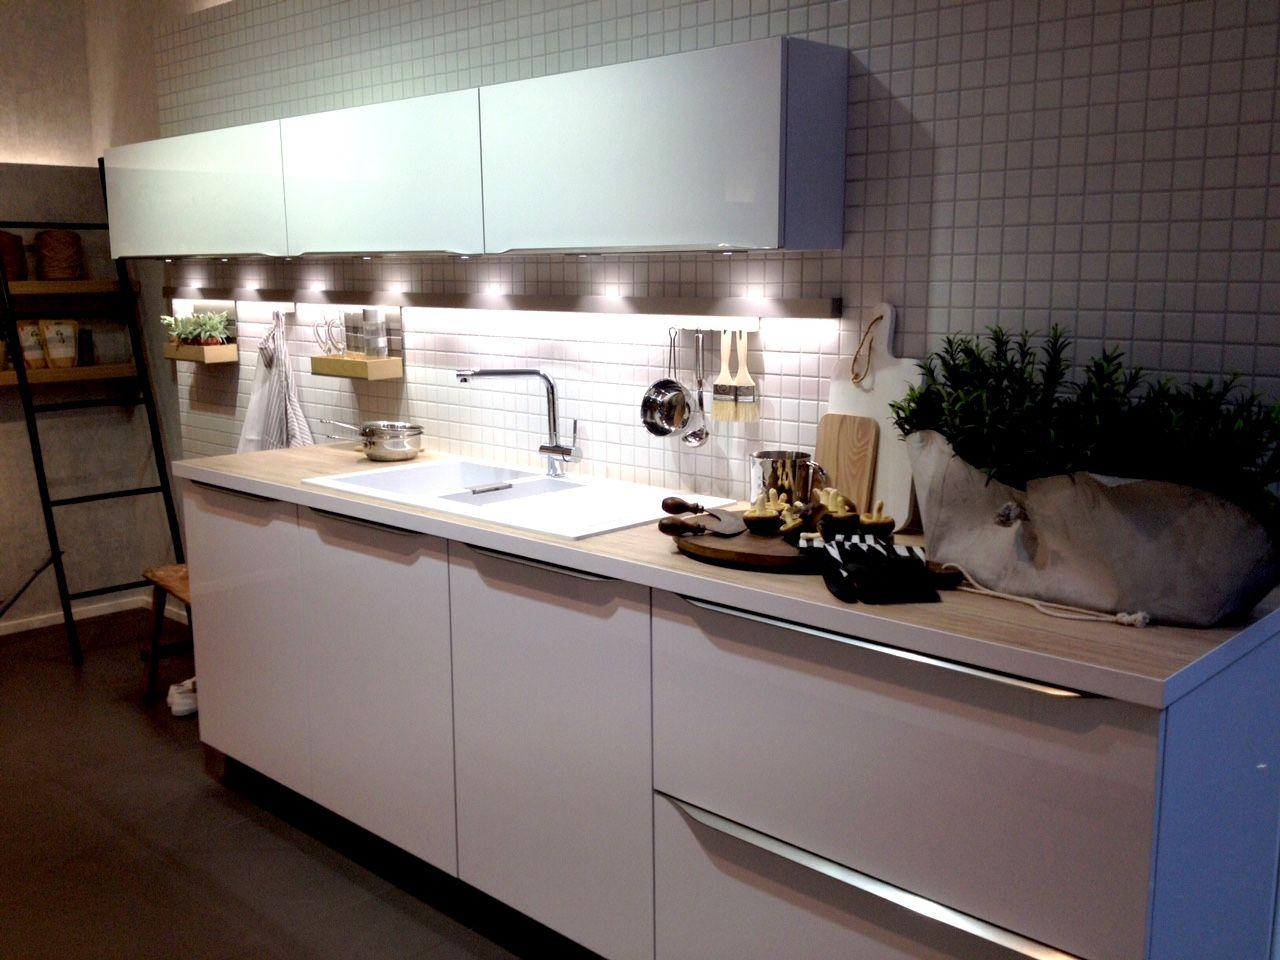 Une cuisine avec ou sans poignées, une question pas forcement simple... Il faut savoir que ce choix n'a rien d'anodin, tant au niveau de l'esthétique que de l'ergonomie... #cuisiniste #nantes